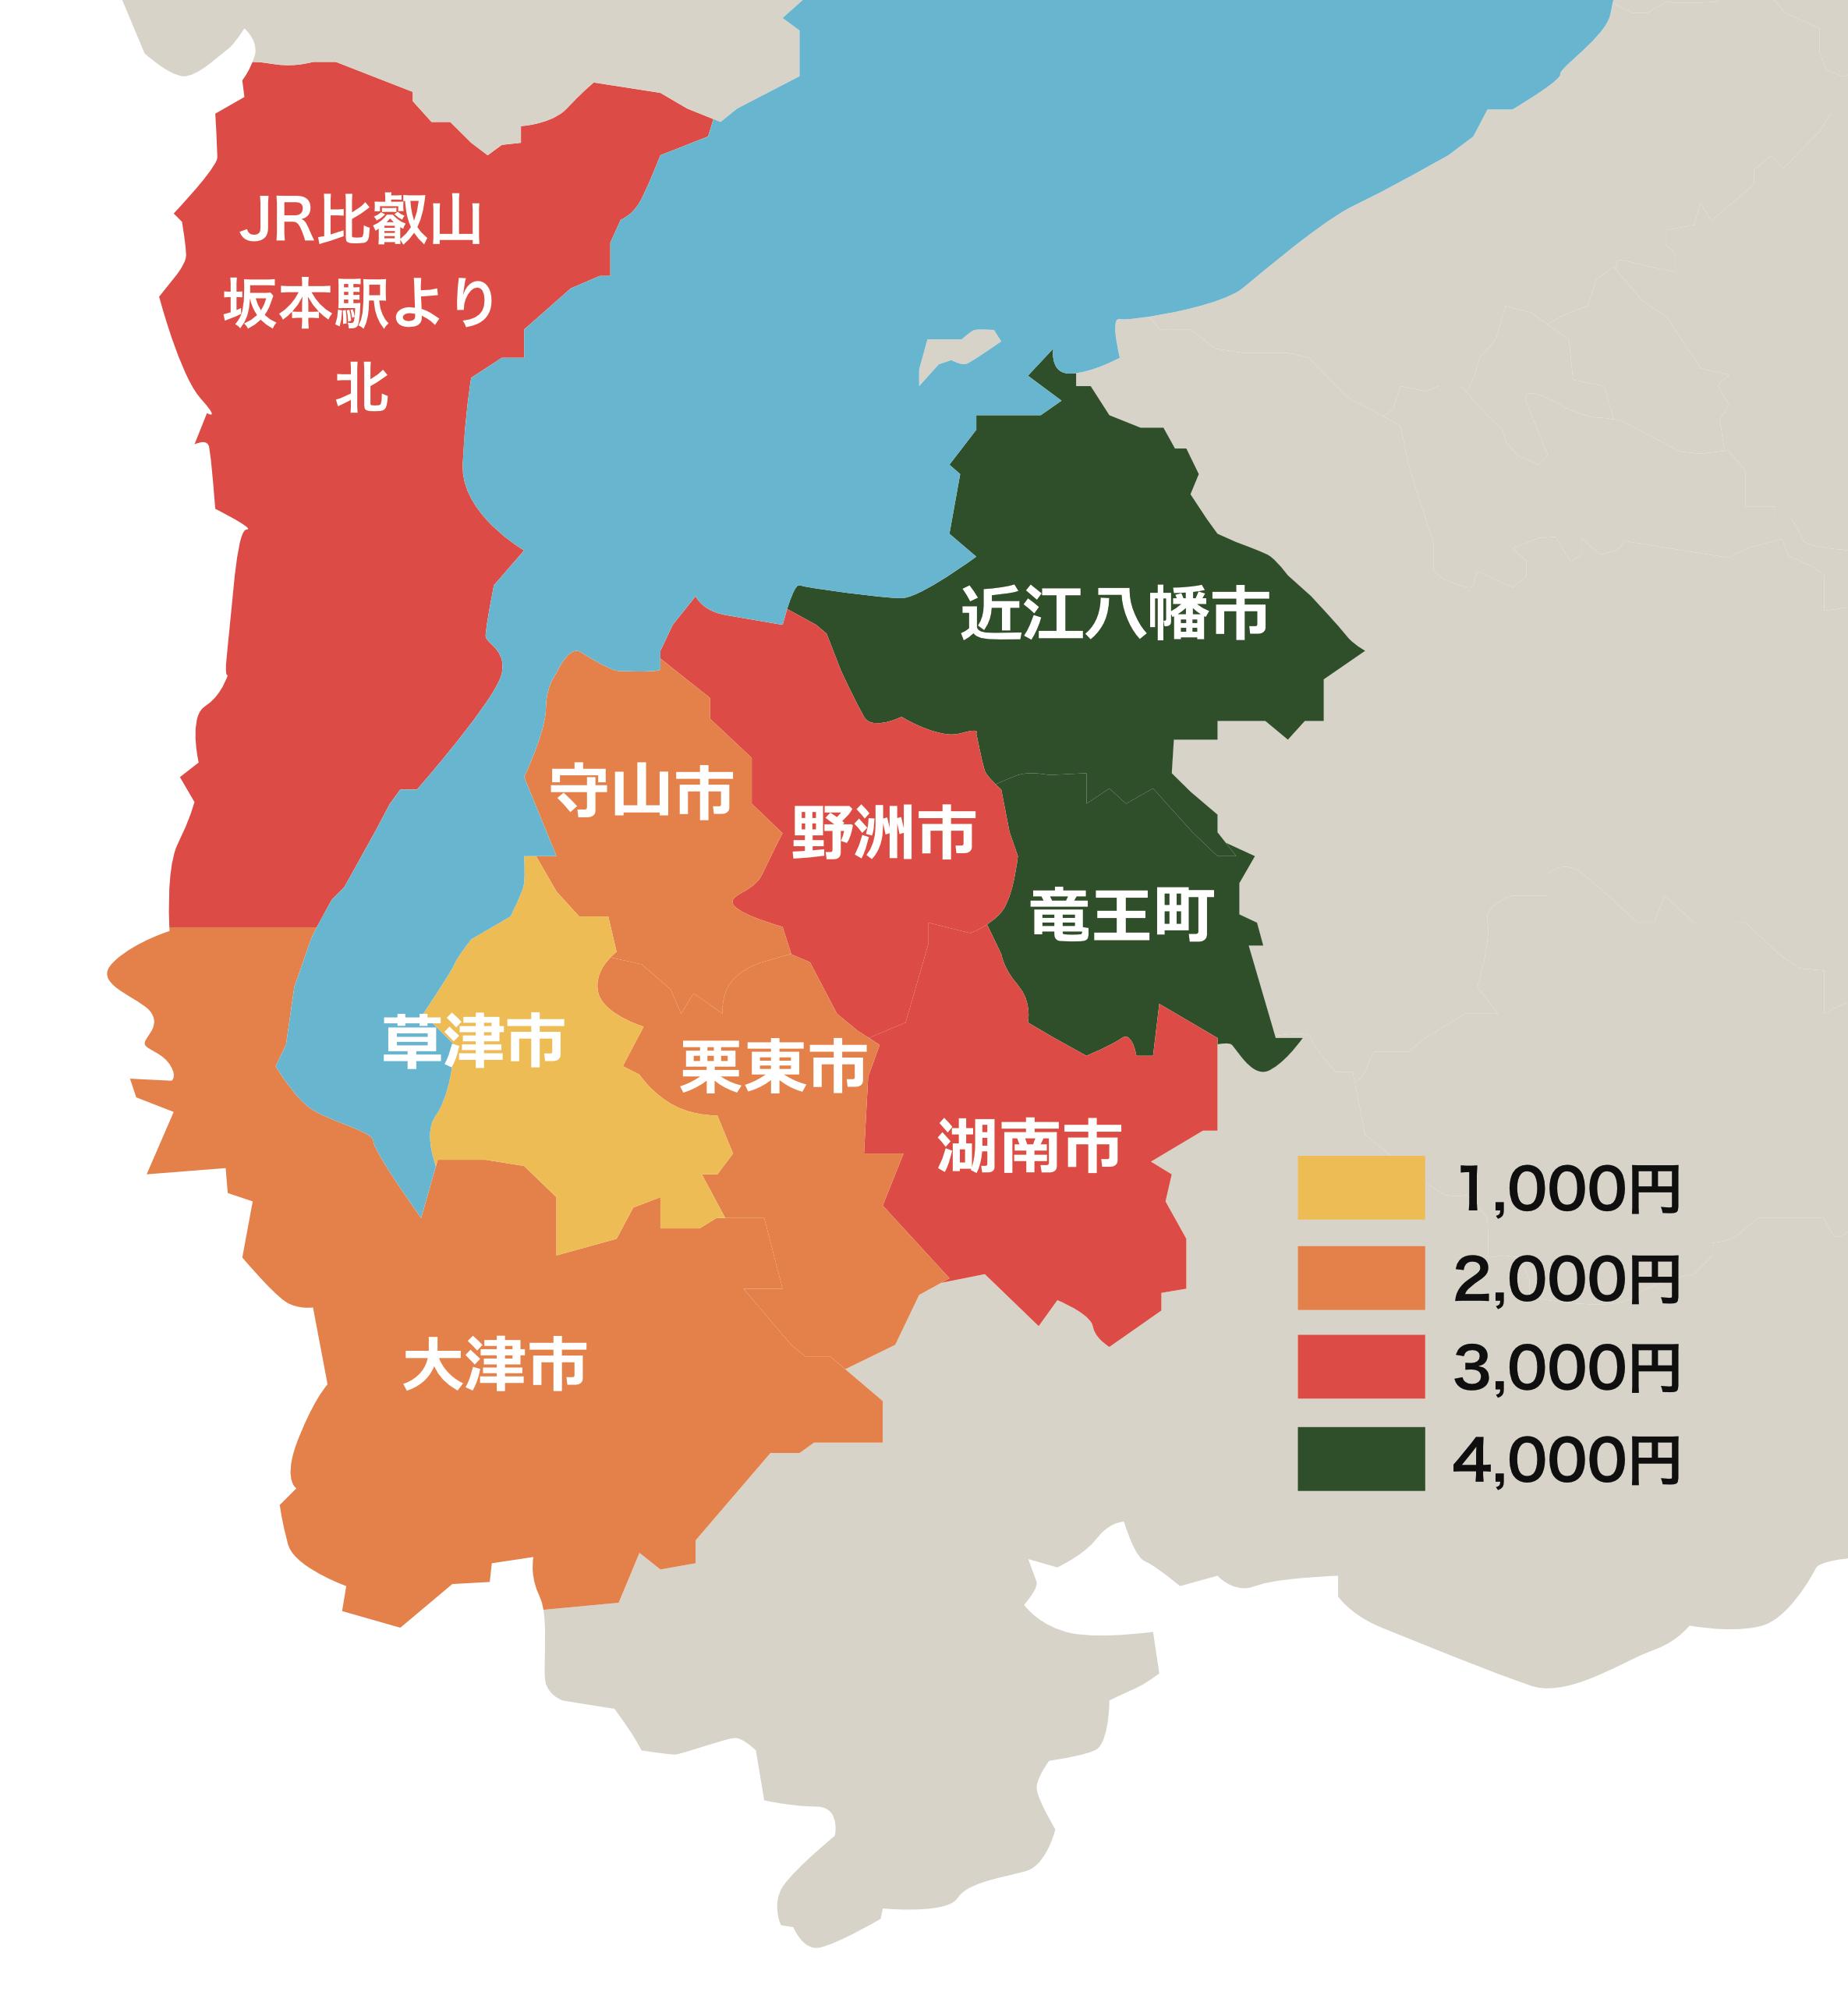 料金区分エリアマップ